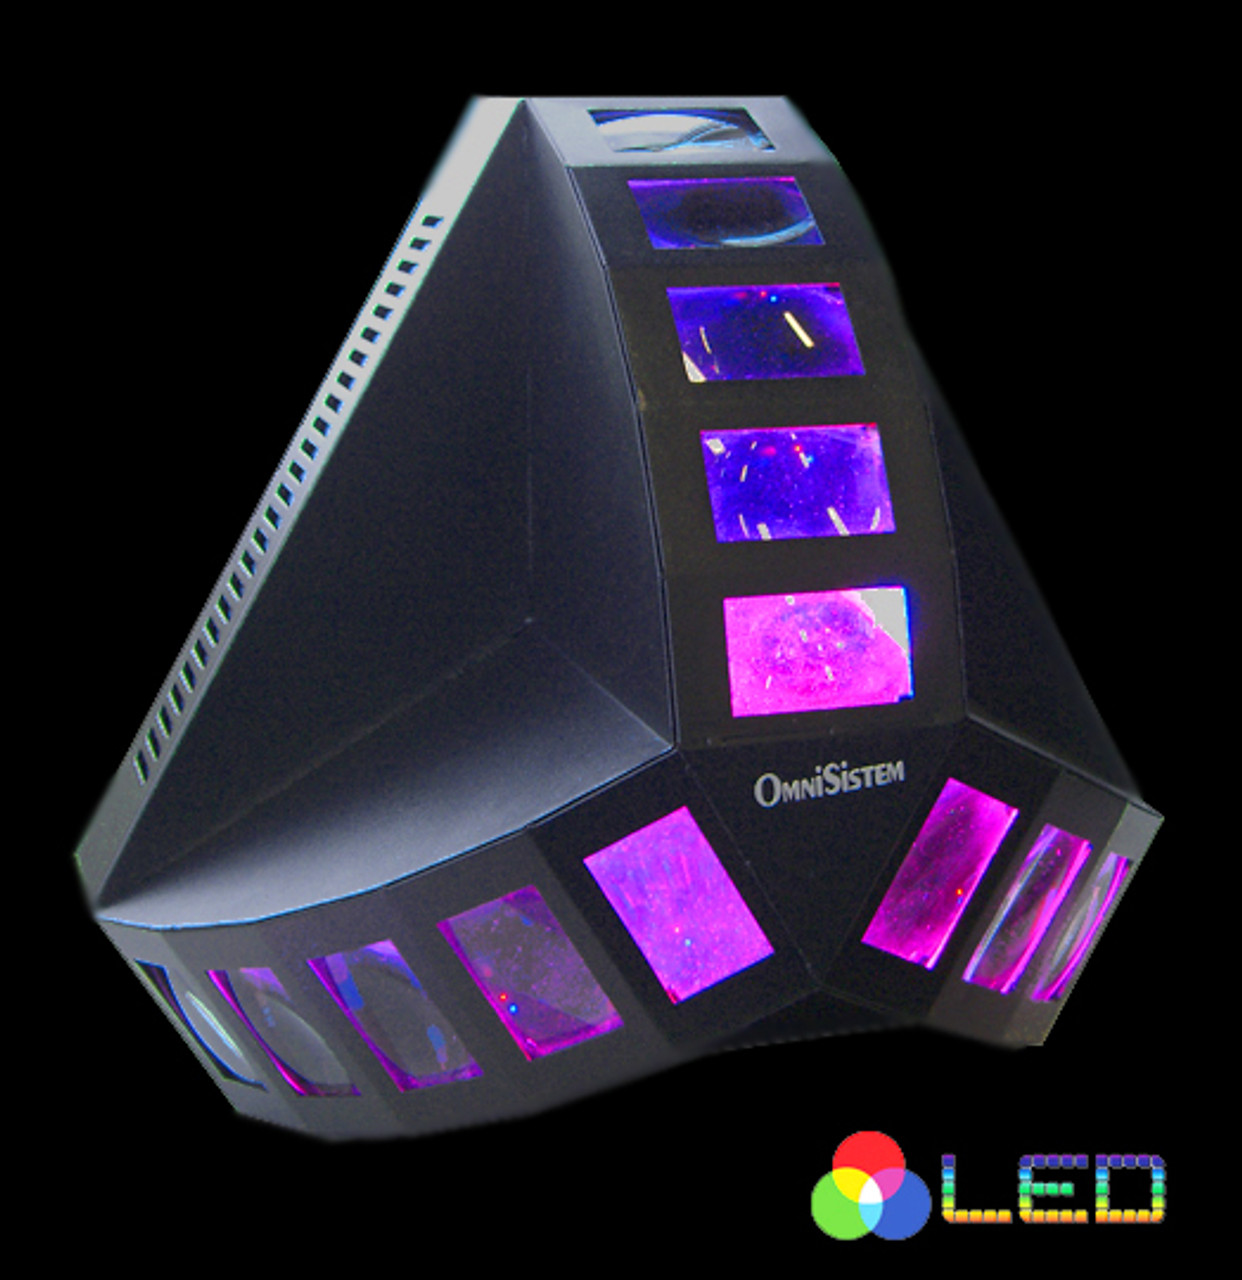 Omnisistem Apex LED Tri Wave Multi Beam DJ Light